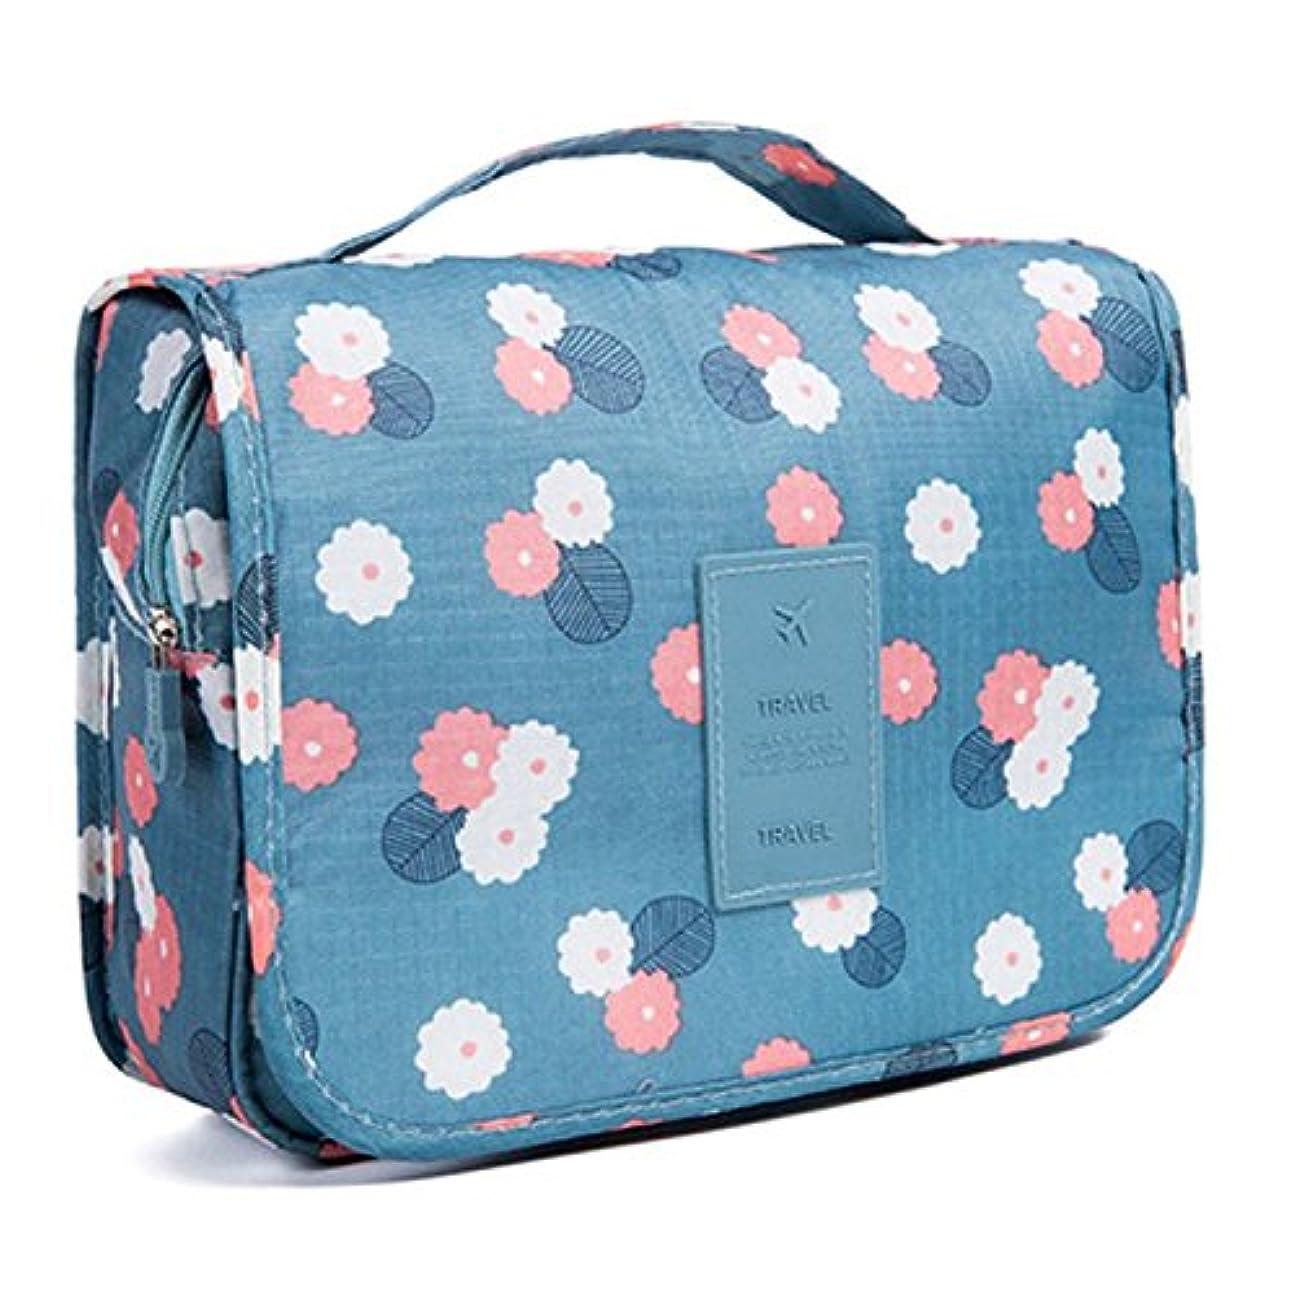 必要としている公式孤児FuCaiLai Toiletry Bags Multifunction Cosmetic Bag Portable Makeup Pouch Travel Hanging Organizer Bag for Women...